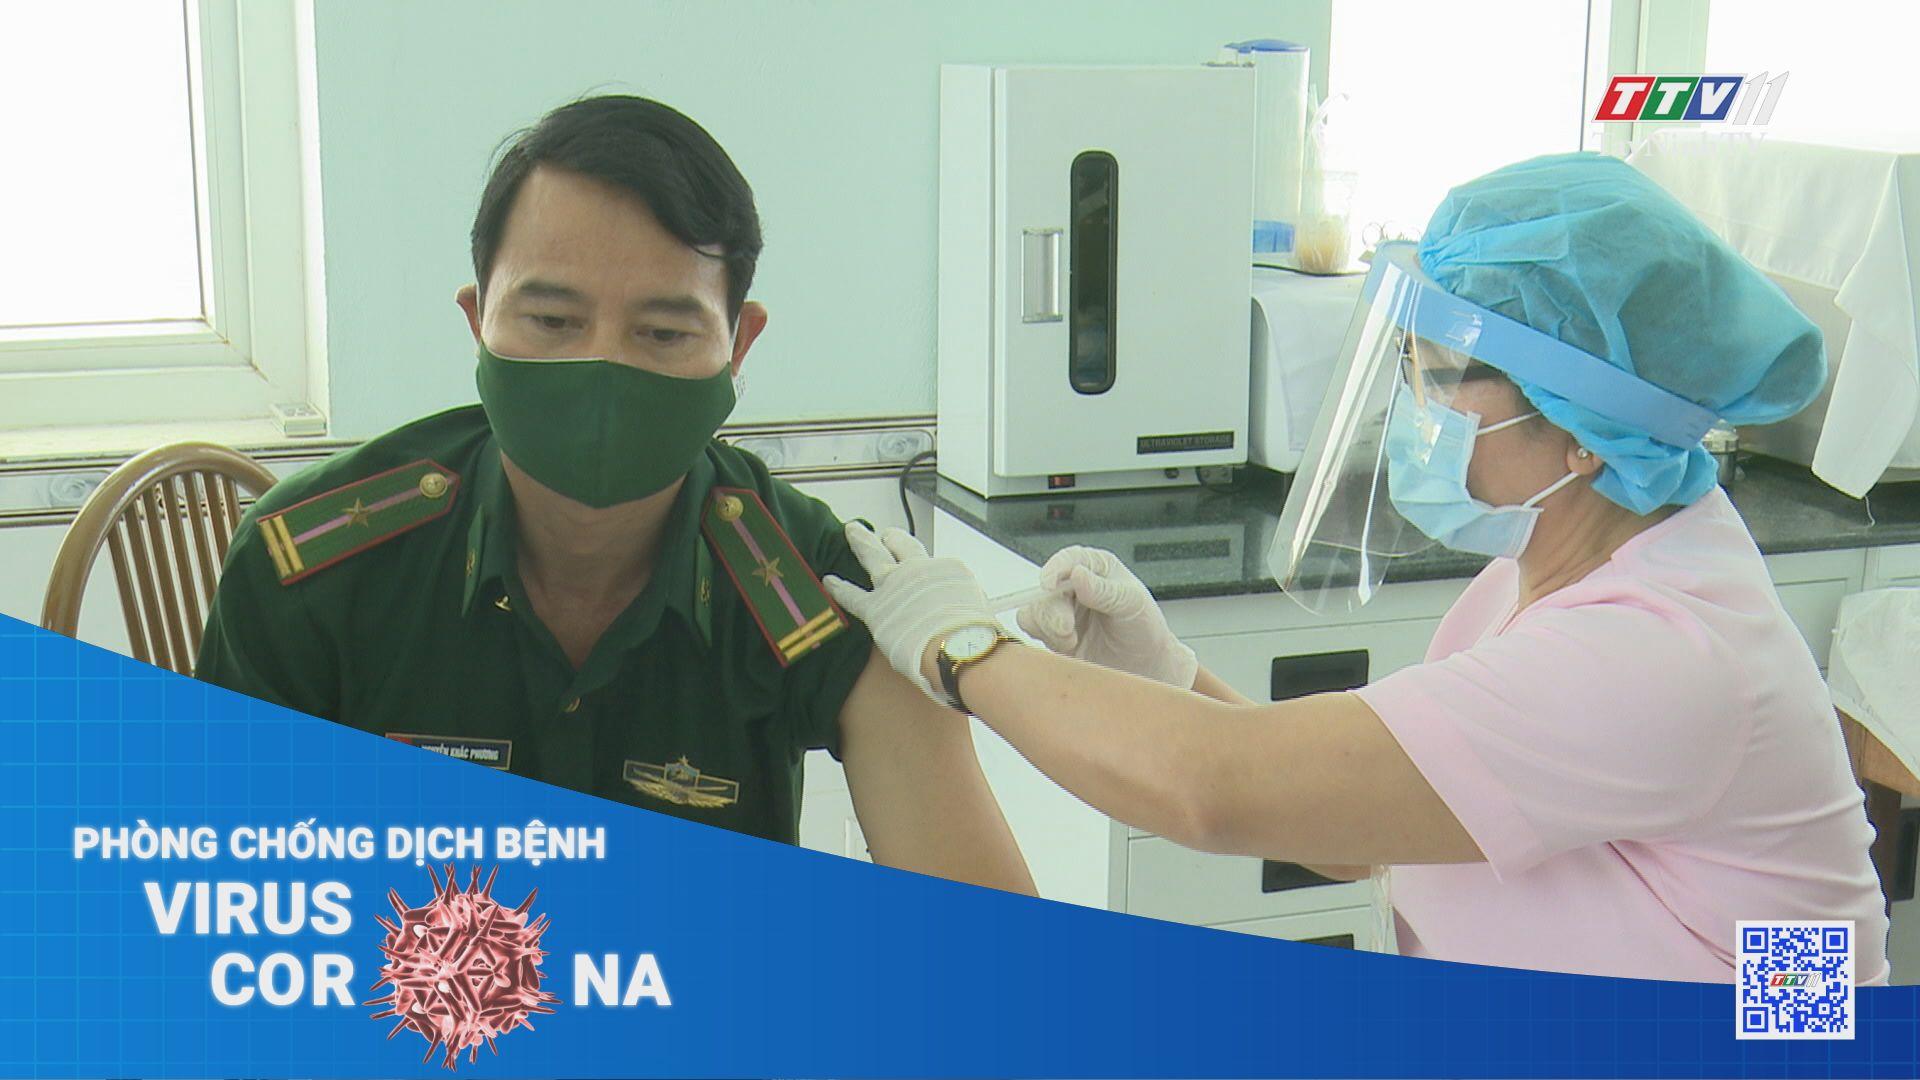 Bảo vệ an toàn cho lực lượng tuyến đầu chống dịch tại biên giới, cửa khẩu | THÔNG TIN DỊCH CÚM COVID-19 | TayNinhTV